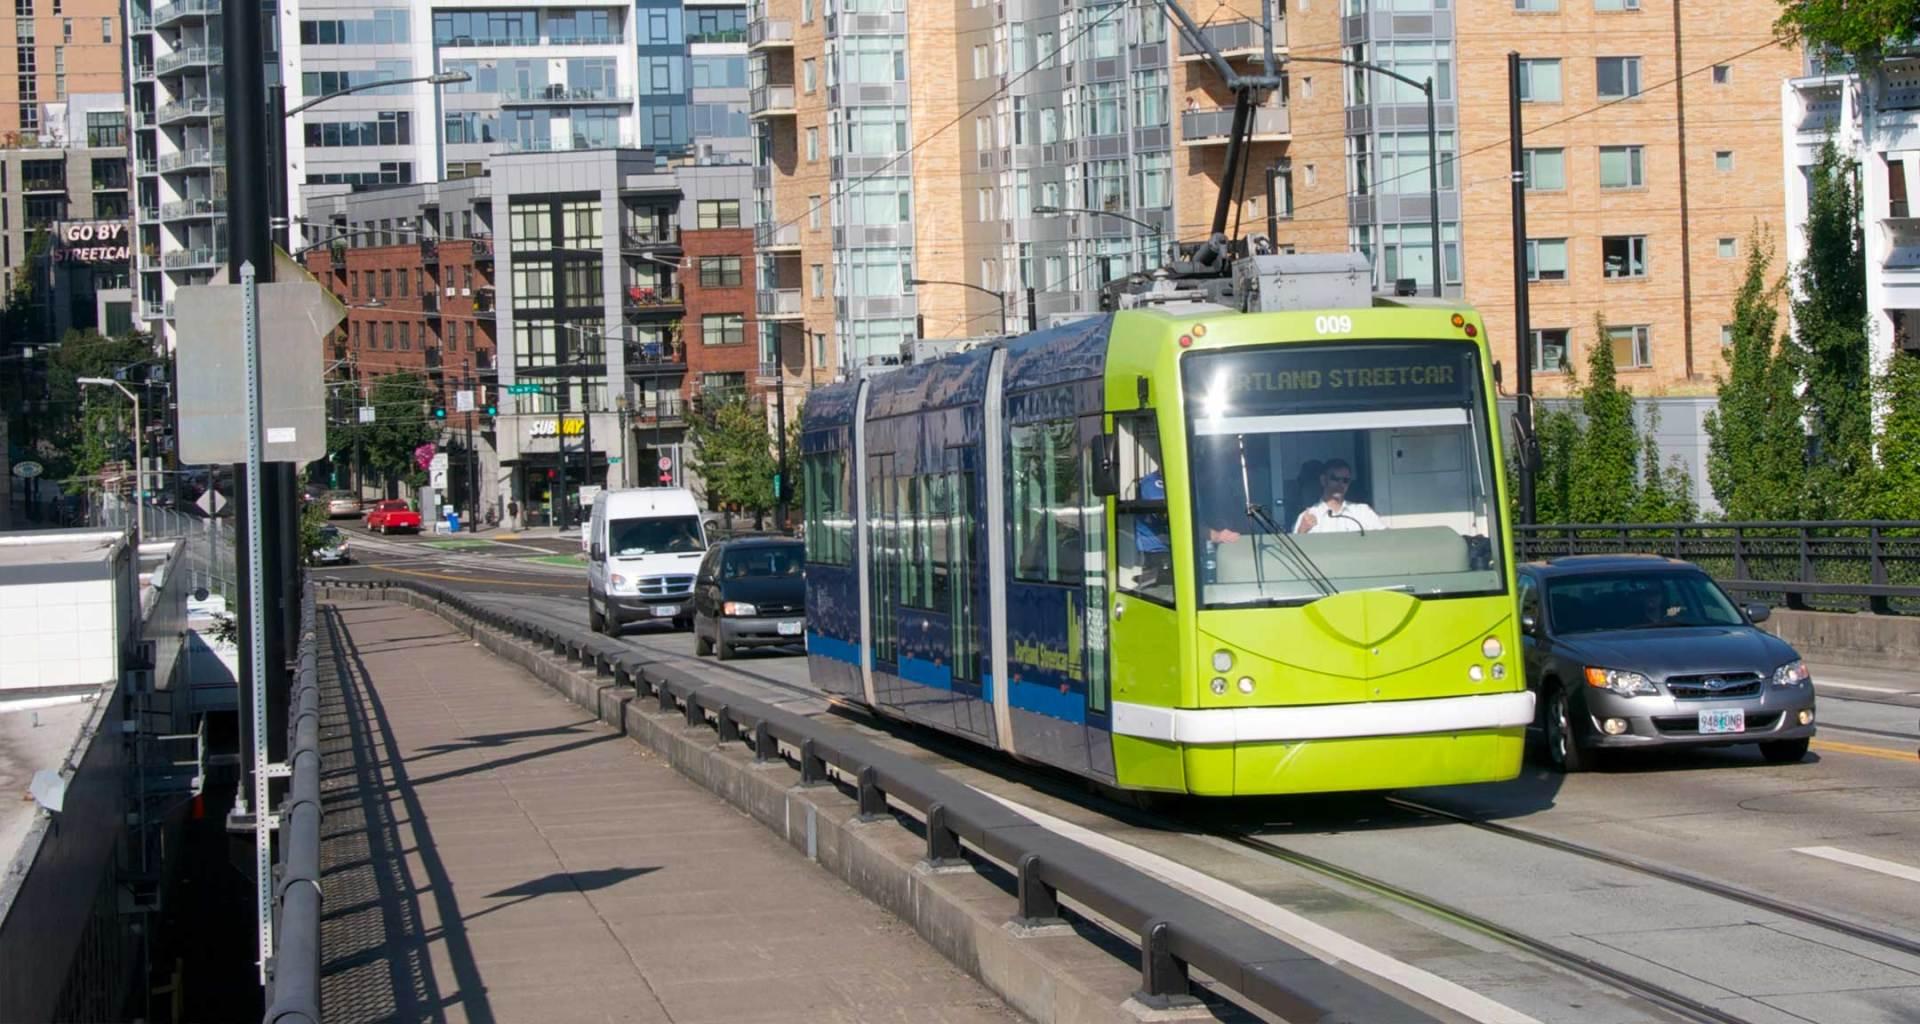 Streetcar rolling amid traffic in Portland, Oregon.